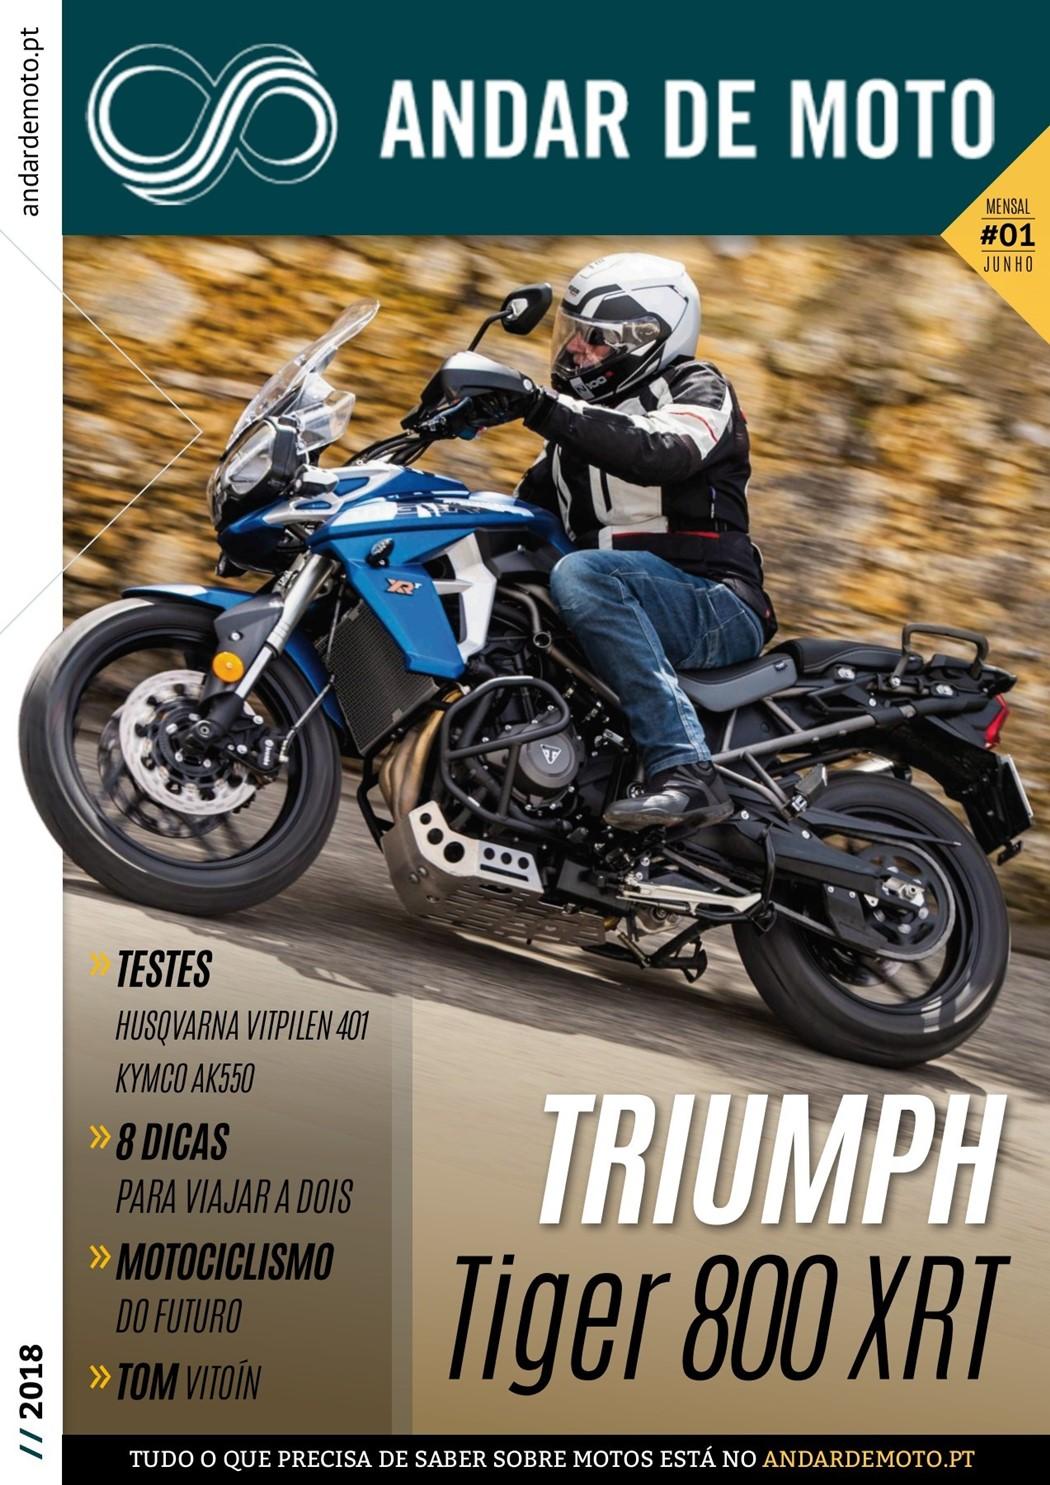 [Revista digital] Andar de Moto R2wgyuz3uvrtea4ismbjjogqd22